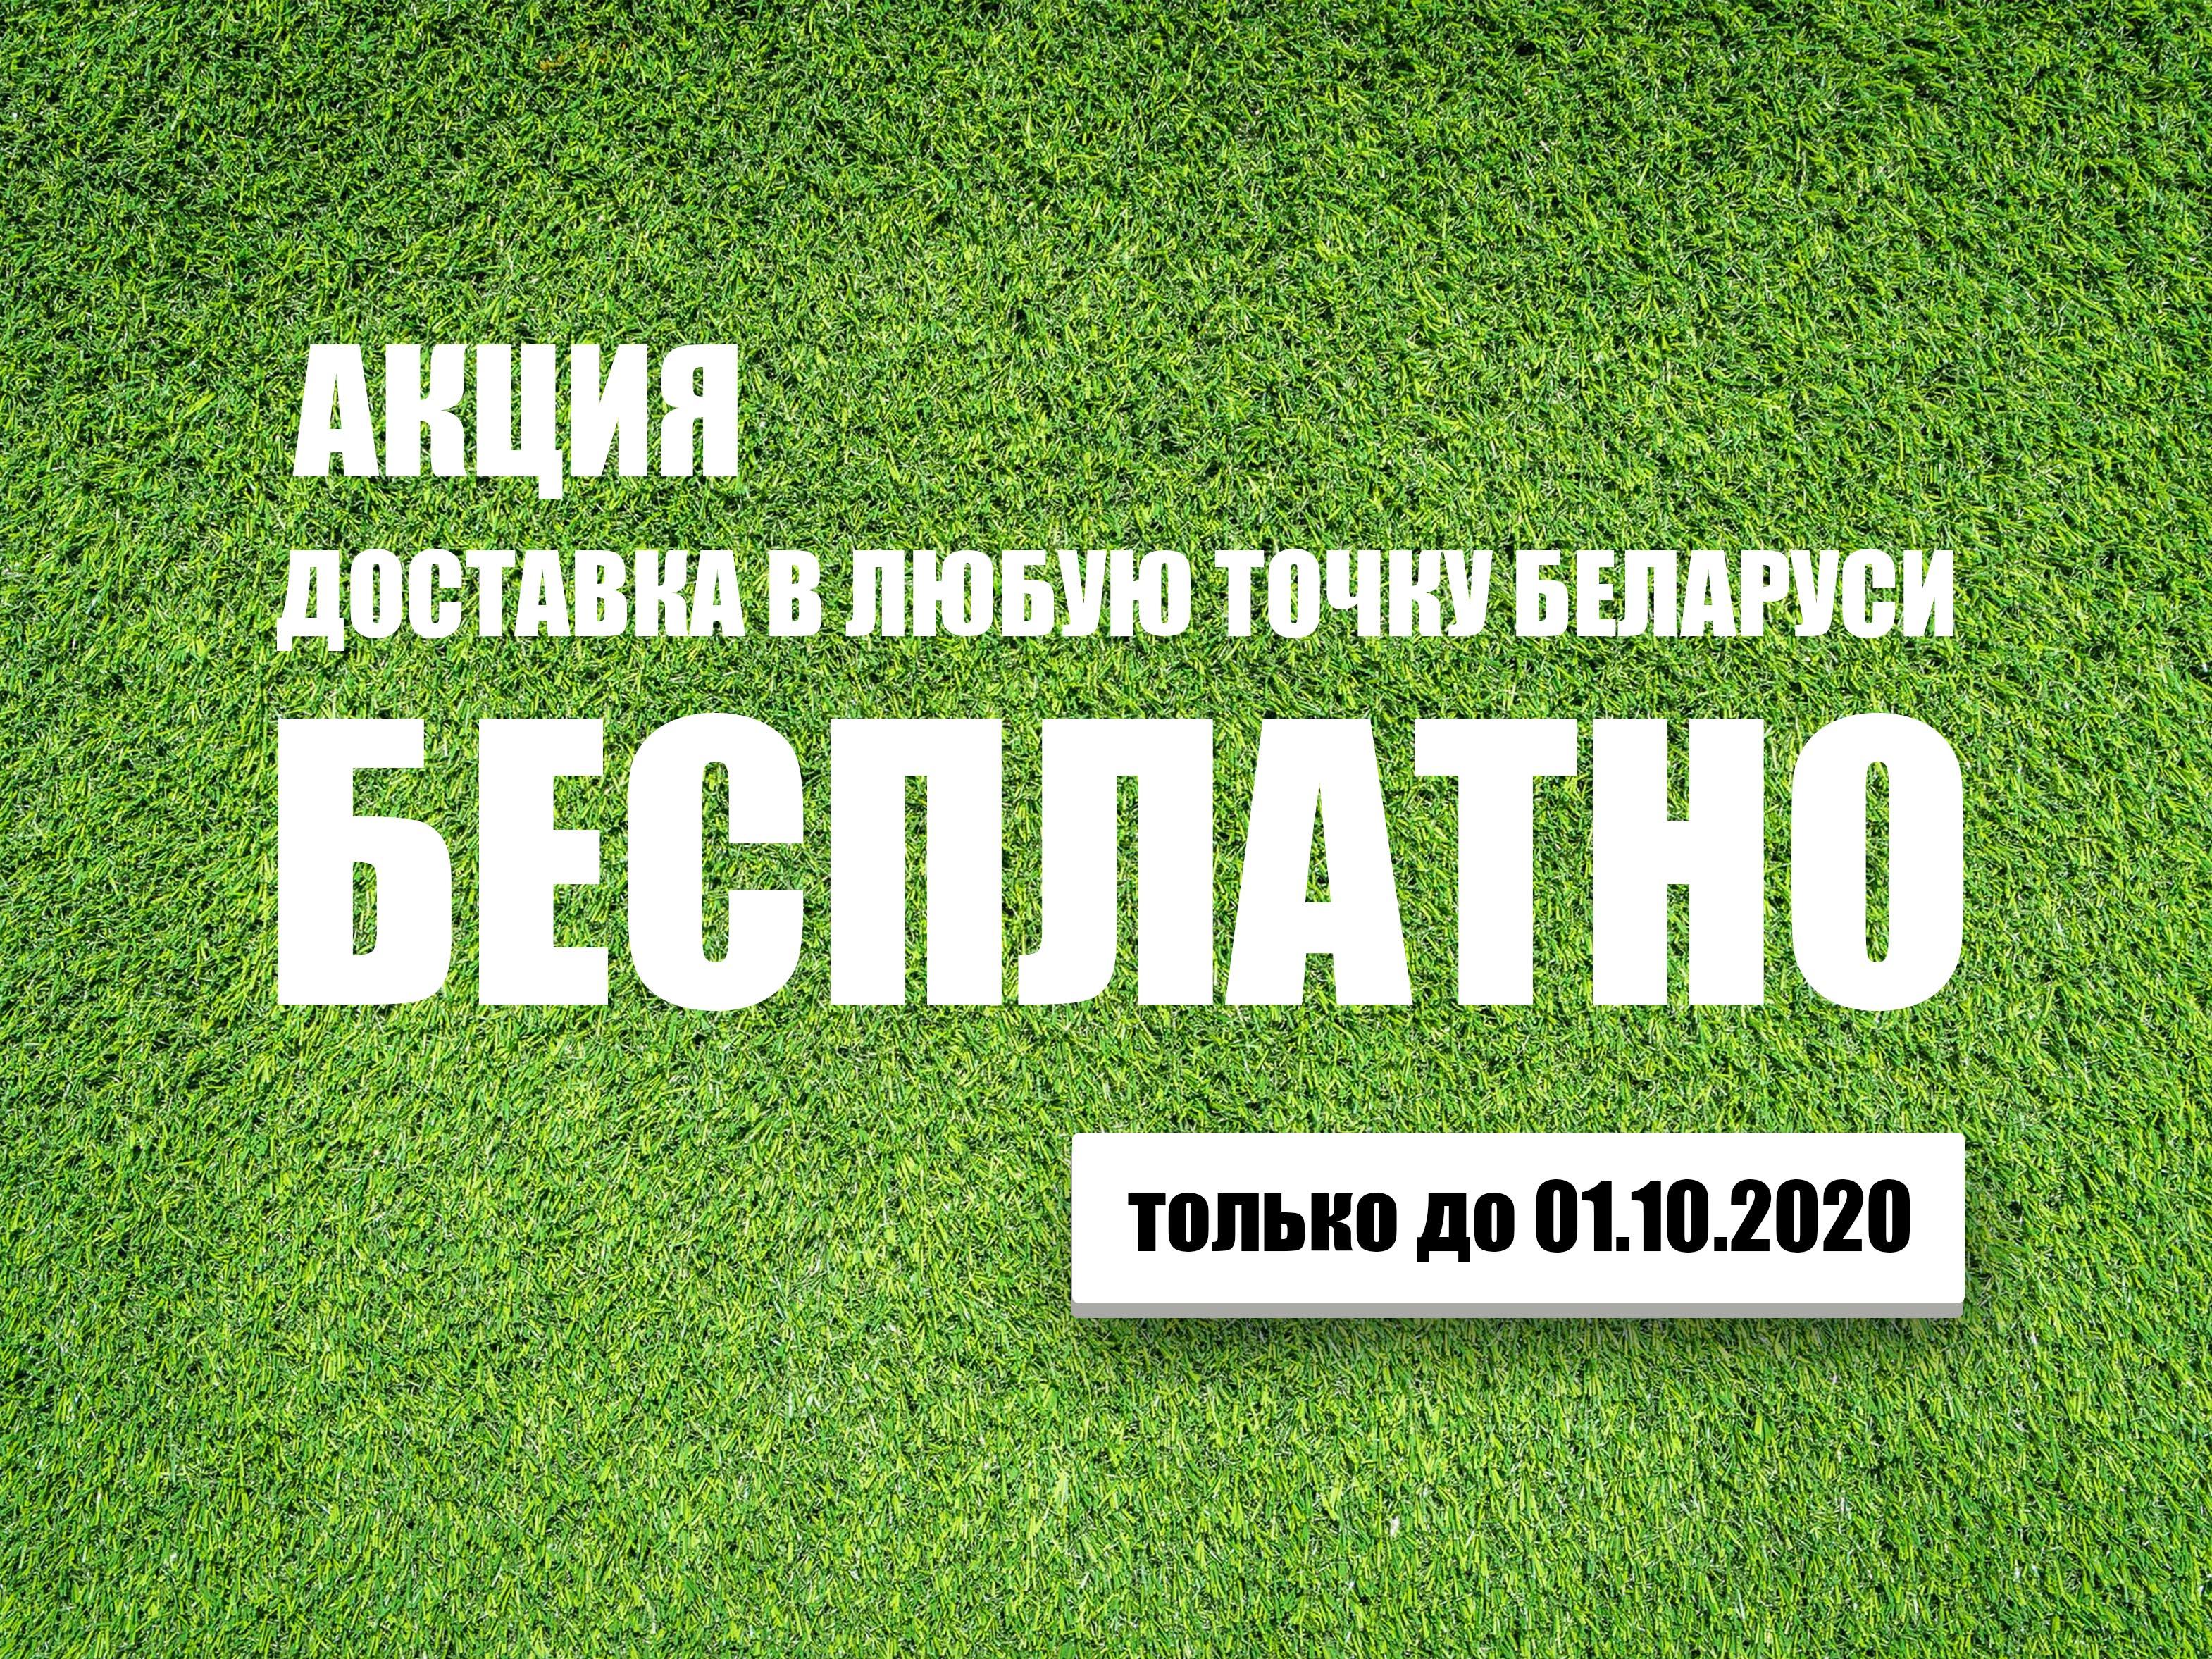 Доставка по Беларуси Бесплатно